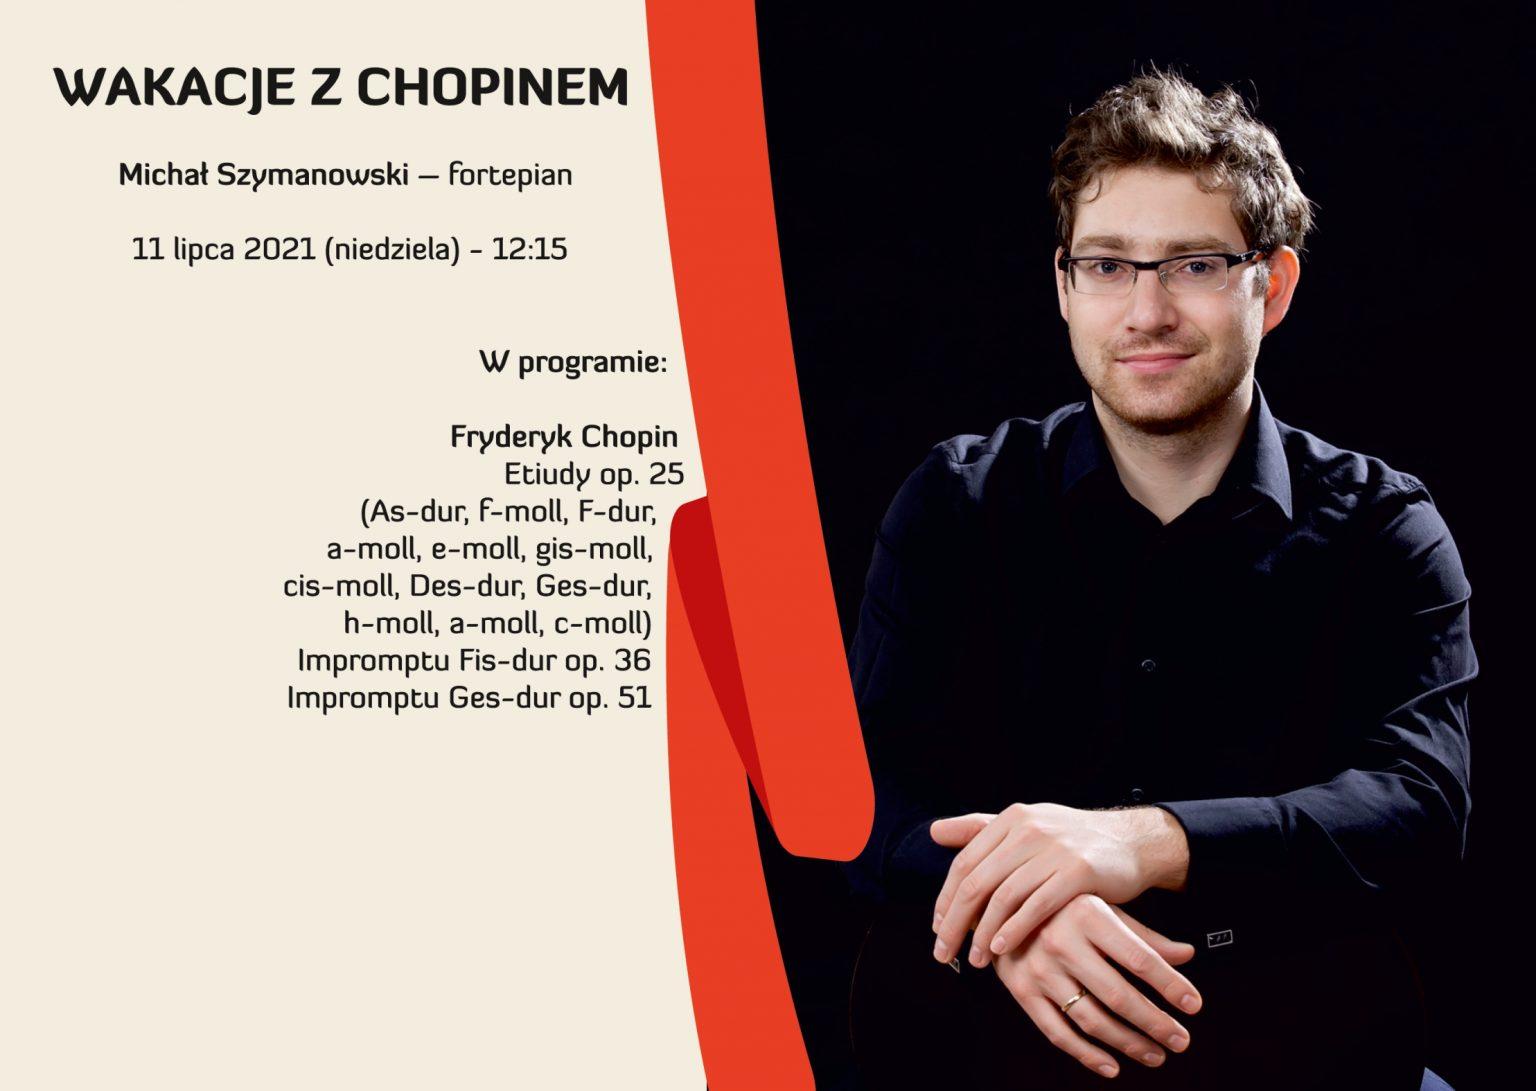 Wakacje z Chopinem Michał Szymanowski – fortepian